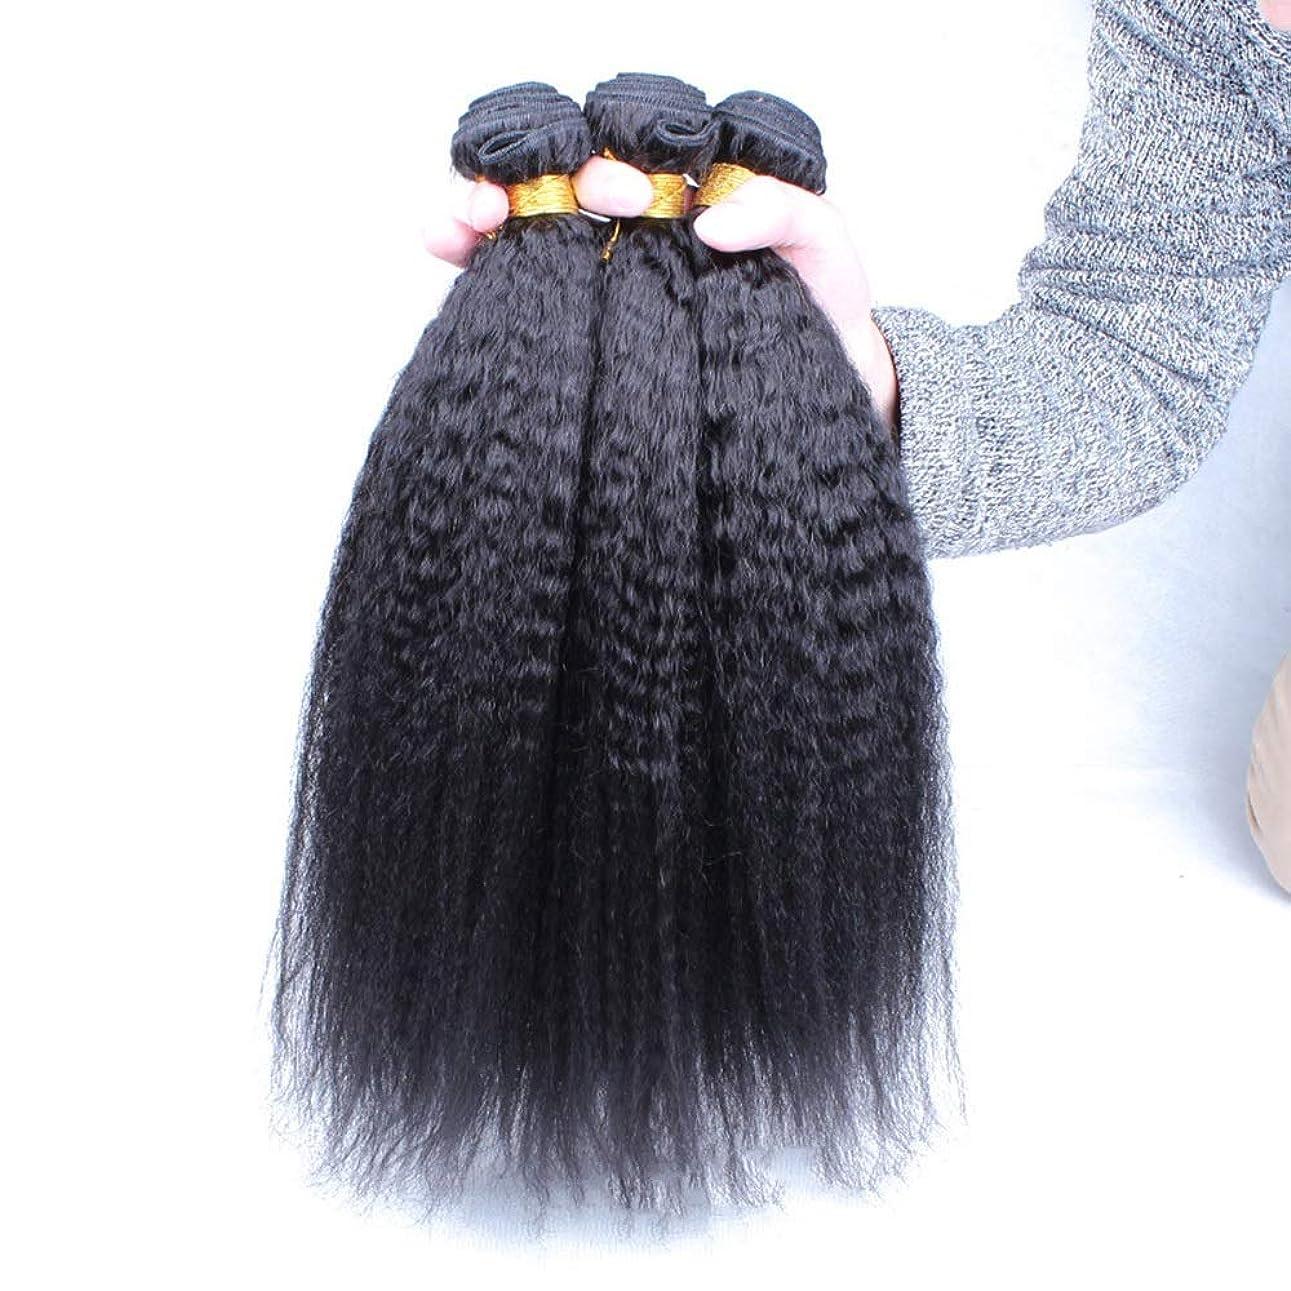 サドルペア関数Isikawan 焼きストレートヘア織り人毛100%エクステンションナチュラルブラックカラー(10インチ-24インチ)ブラジル人変態ストレート人間の髪の毛の束 (色 : ブラック, サイズ : 20 inch)